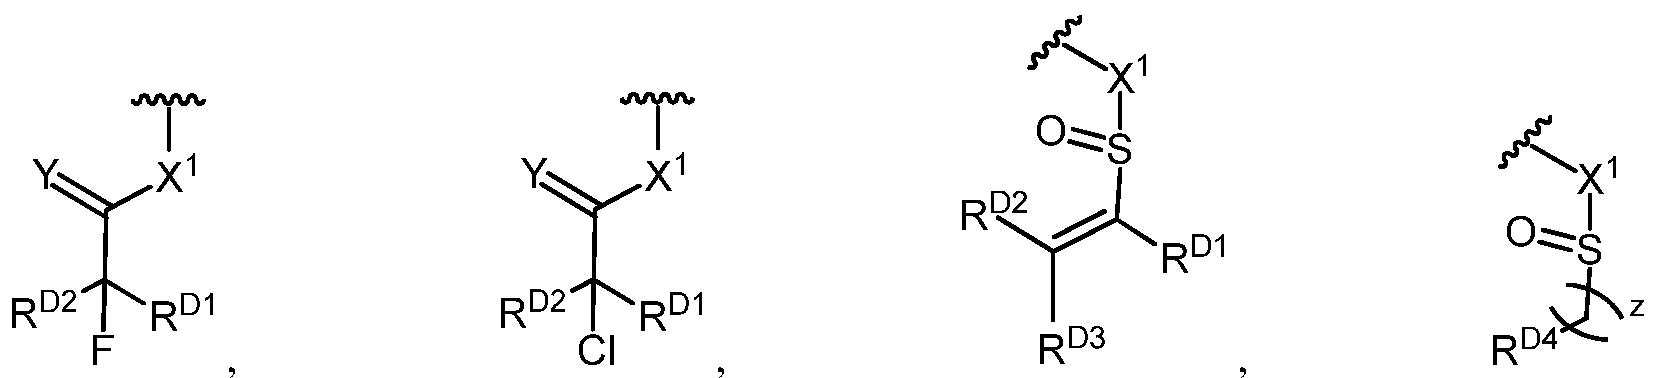 Figure imgf000173_0003